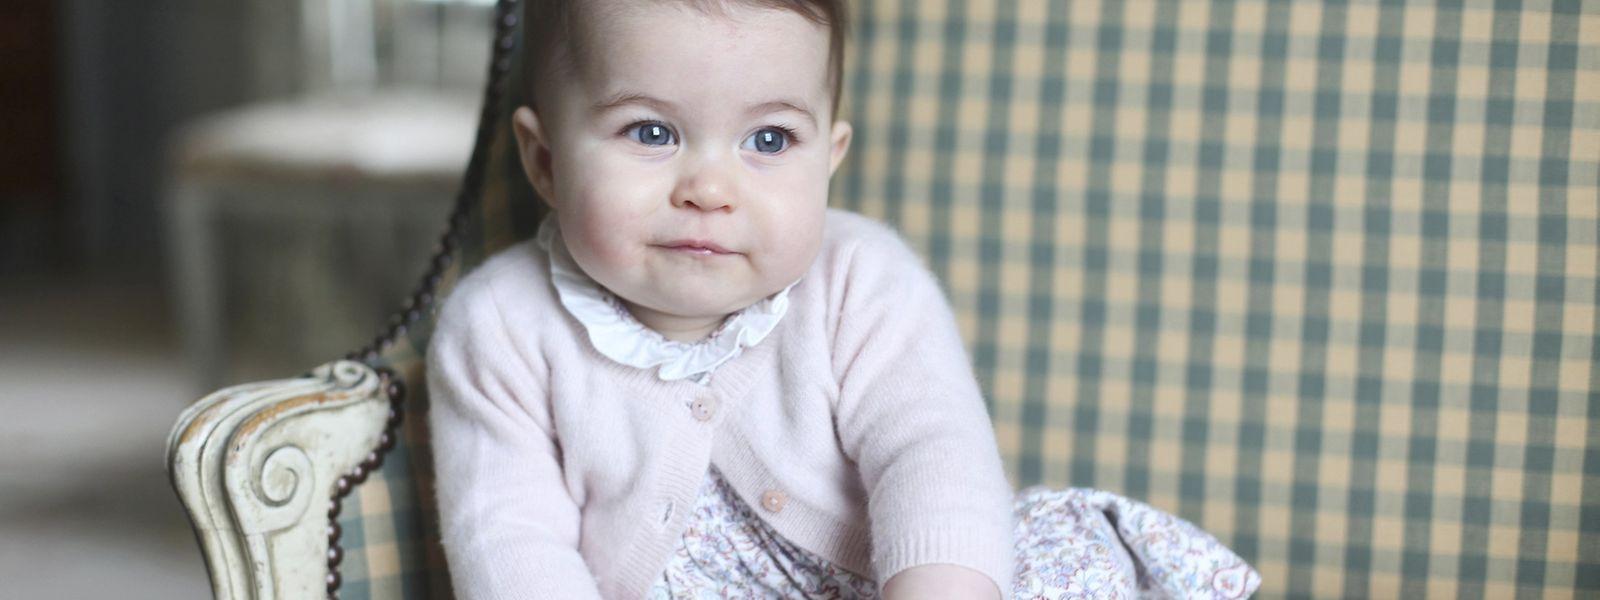 Prinzessin Charlotte fotografiert von ihrer Mutter, Catherine, Duchess of Cambridge